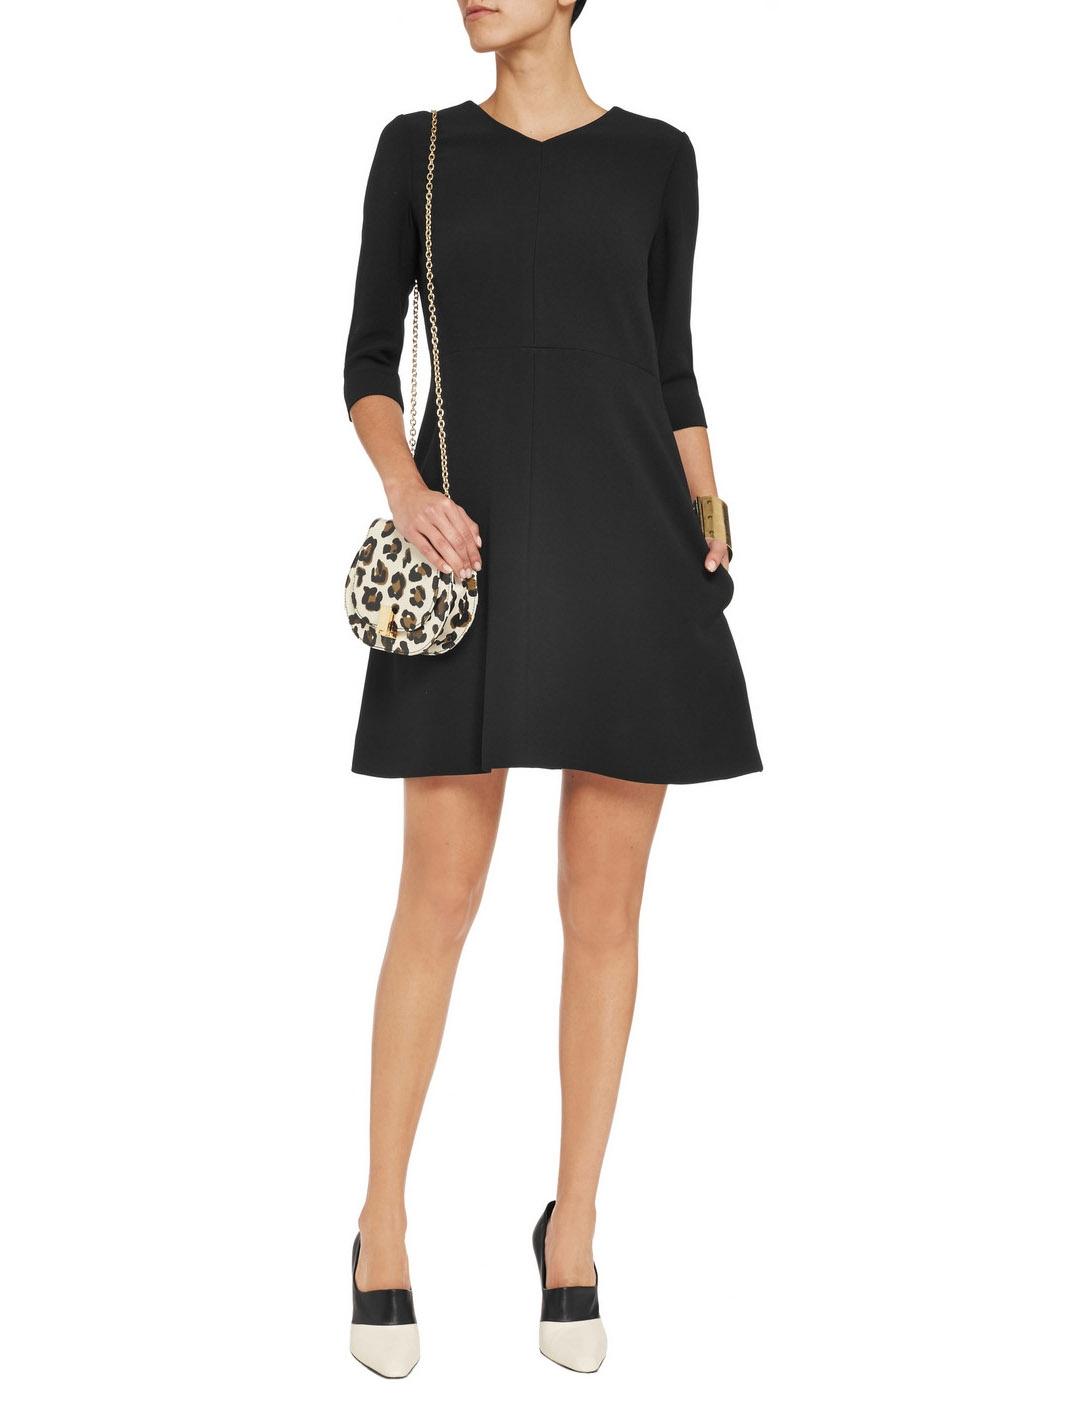 louise paris chloe robe vas e manches 3 4 en cr pe noir px boutique 1000 taille 38. Black Bedroom Furniture Sets. Home Design Ideas